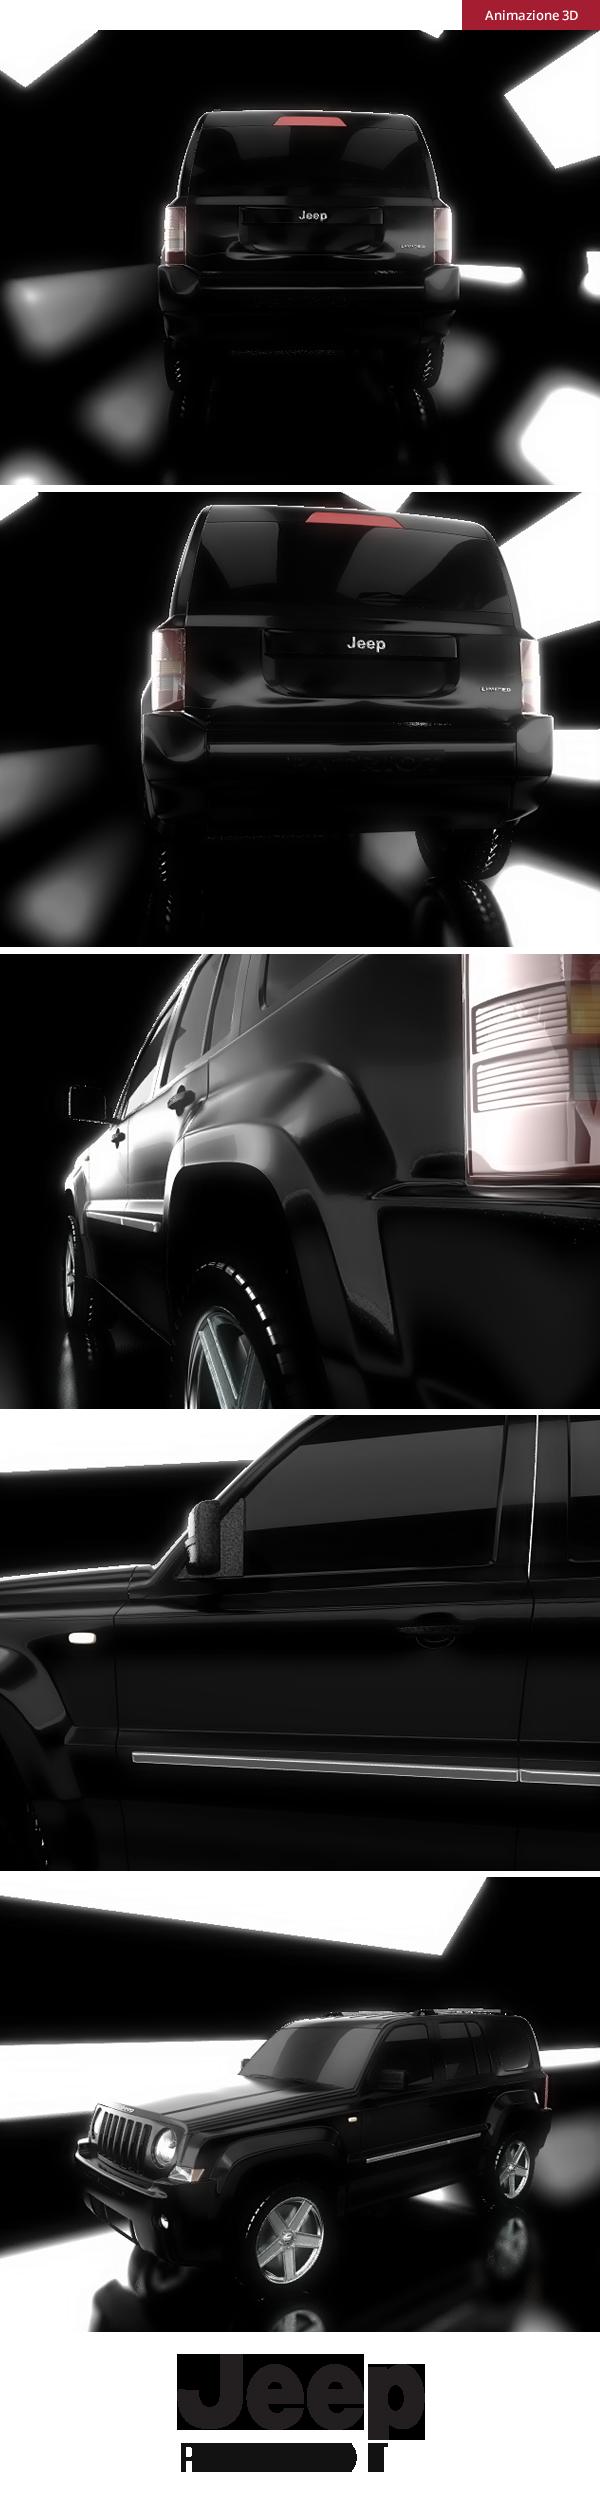 Jeep - animazione 3D